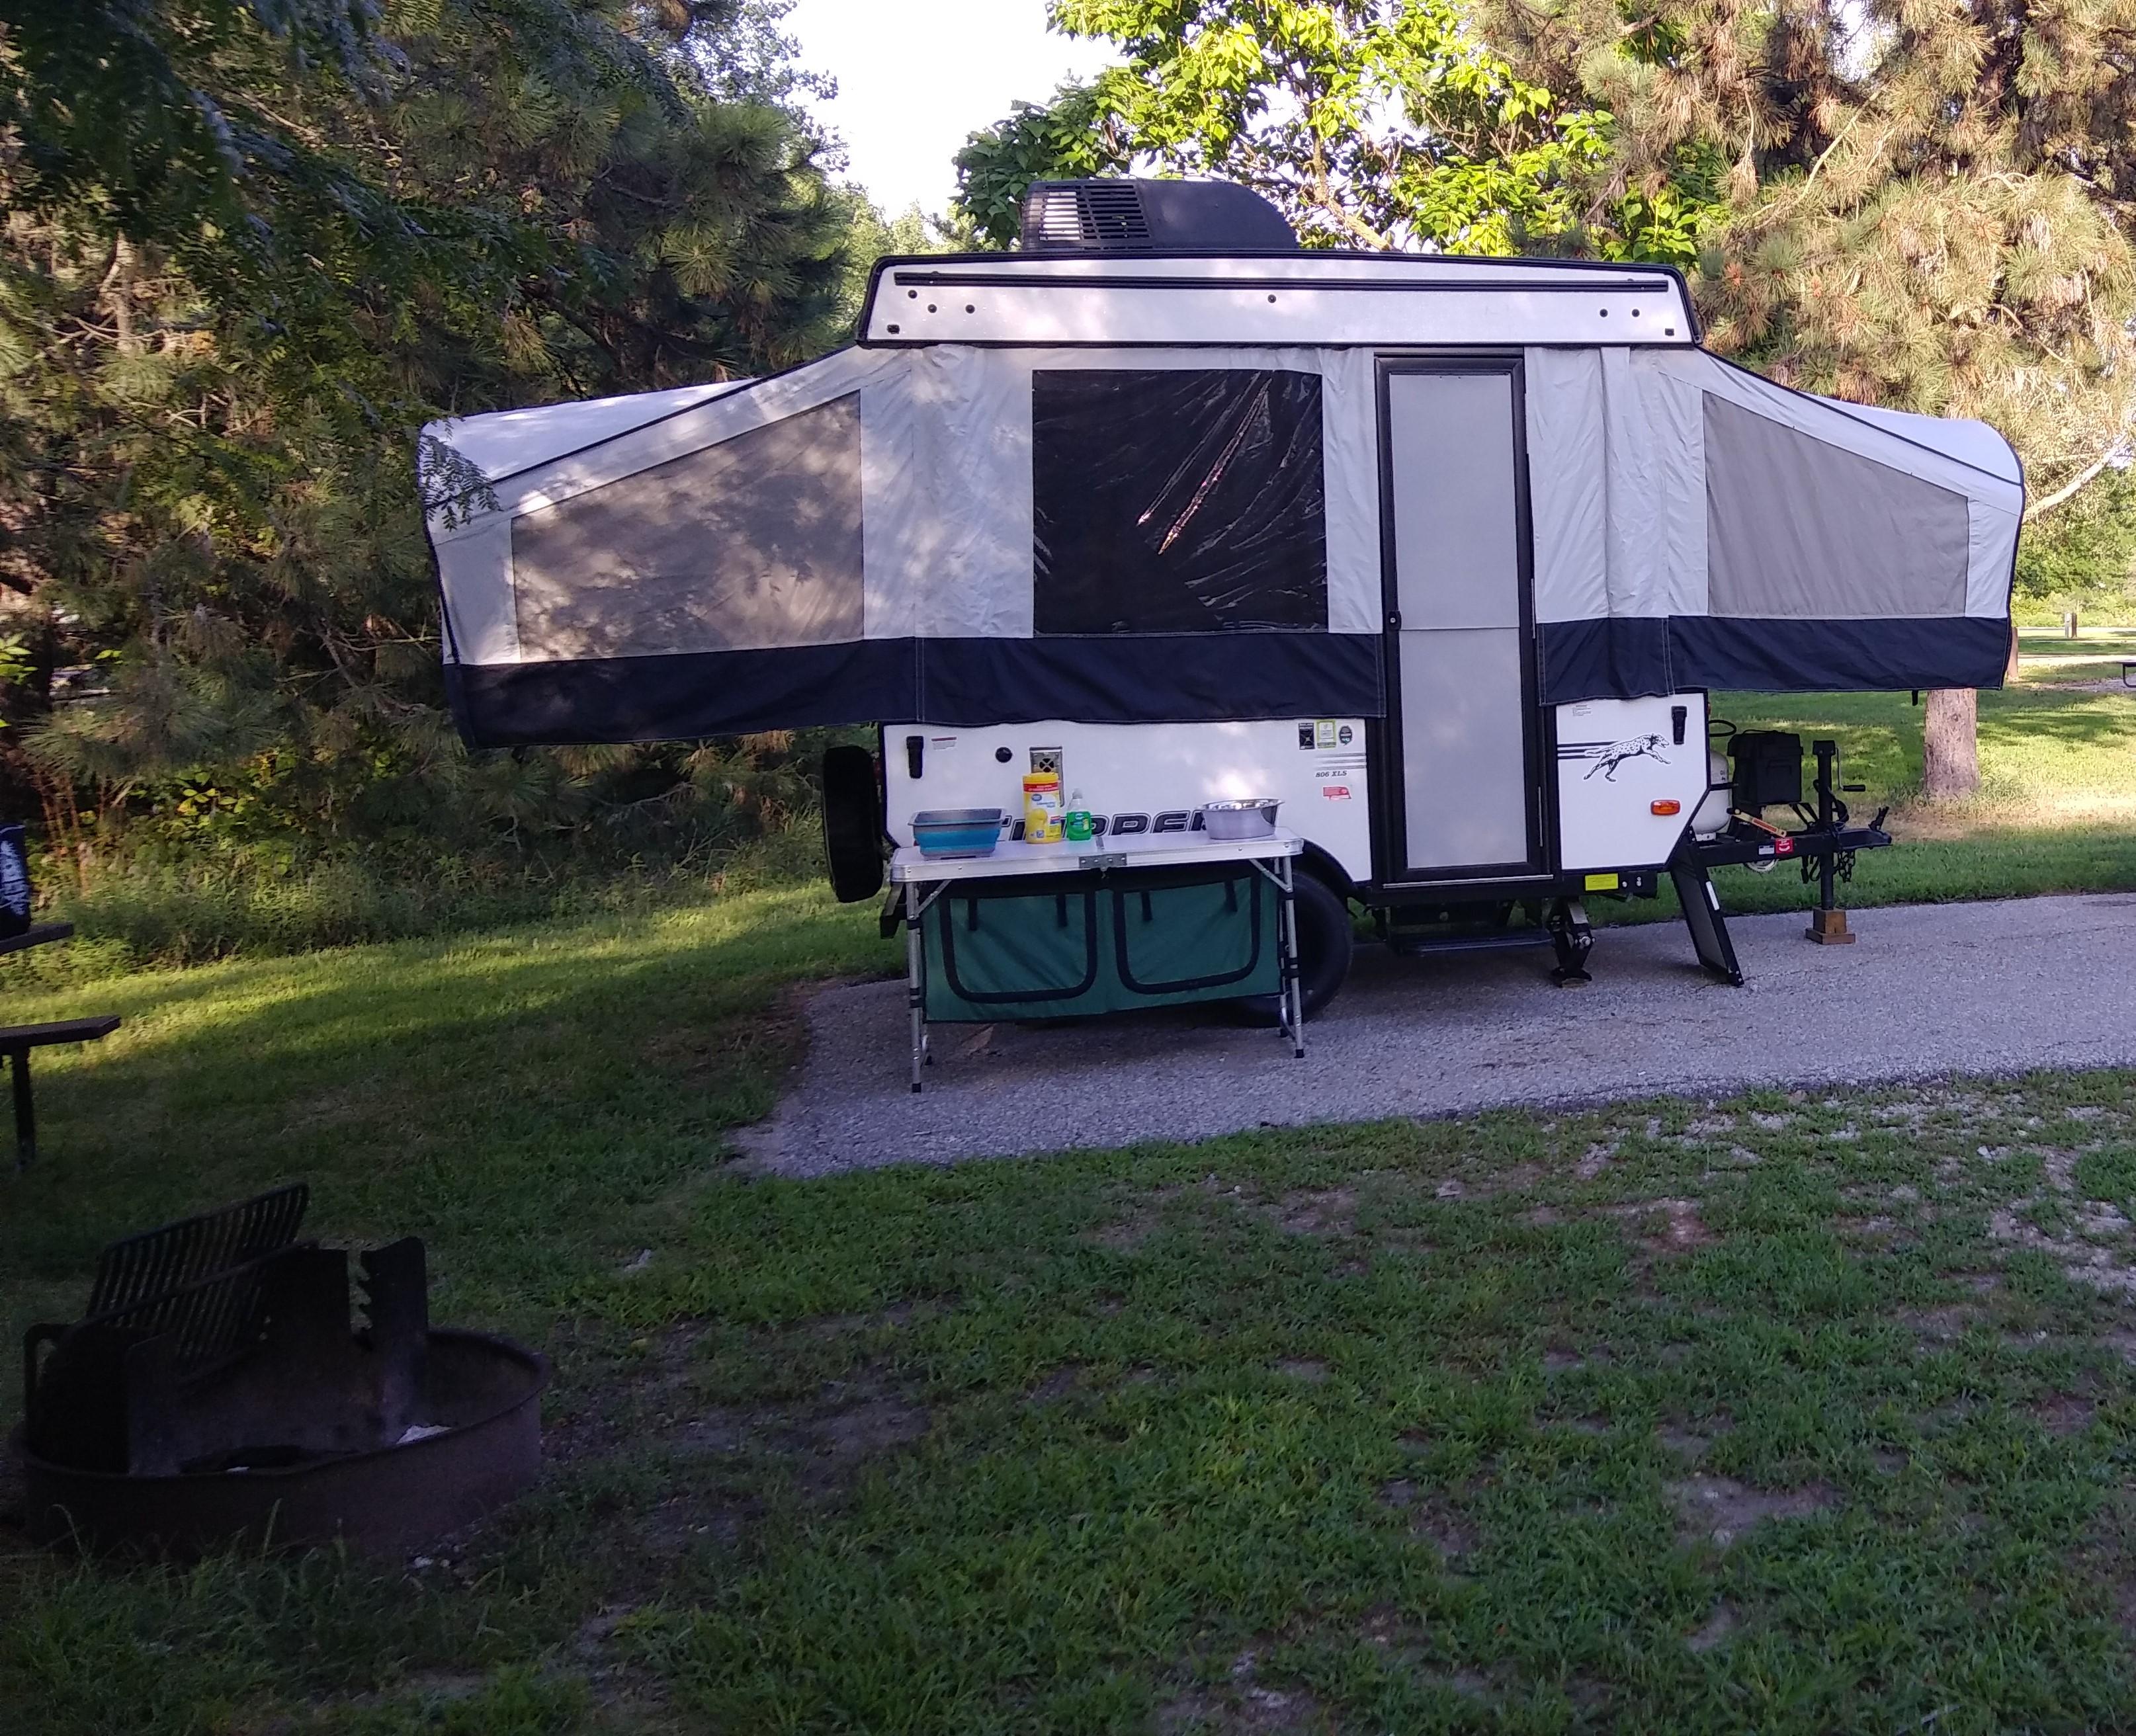 Camping rigs-20190822_183224-2-.jpg